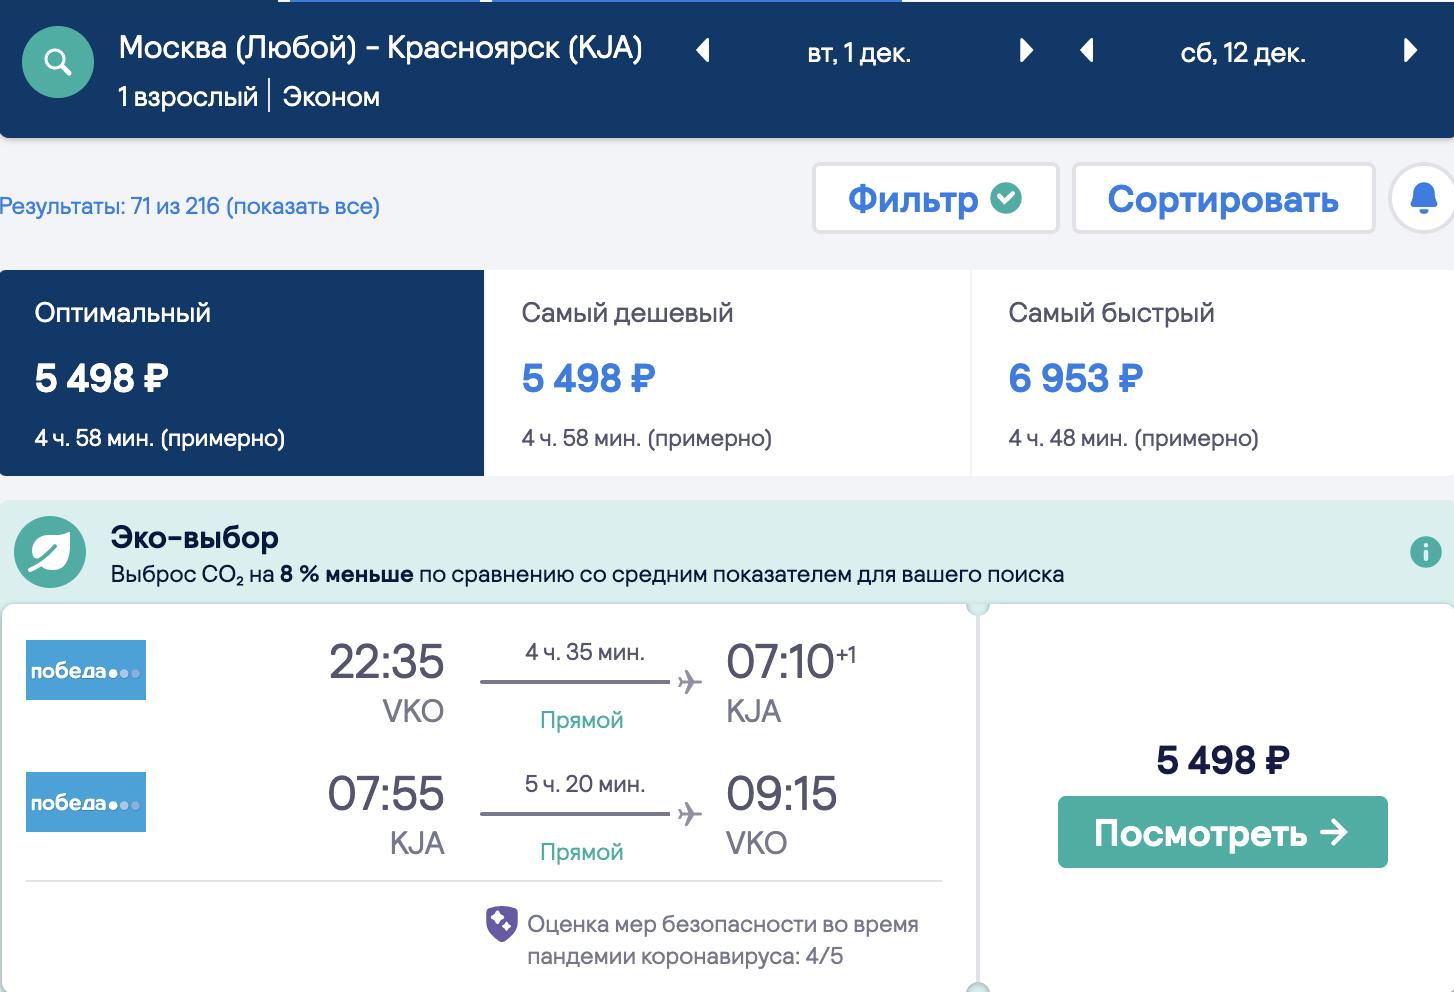 Победа: между Москвой и Красноярском за 5500₽ туда-обратно до конца декабря